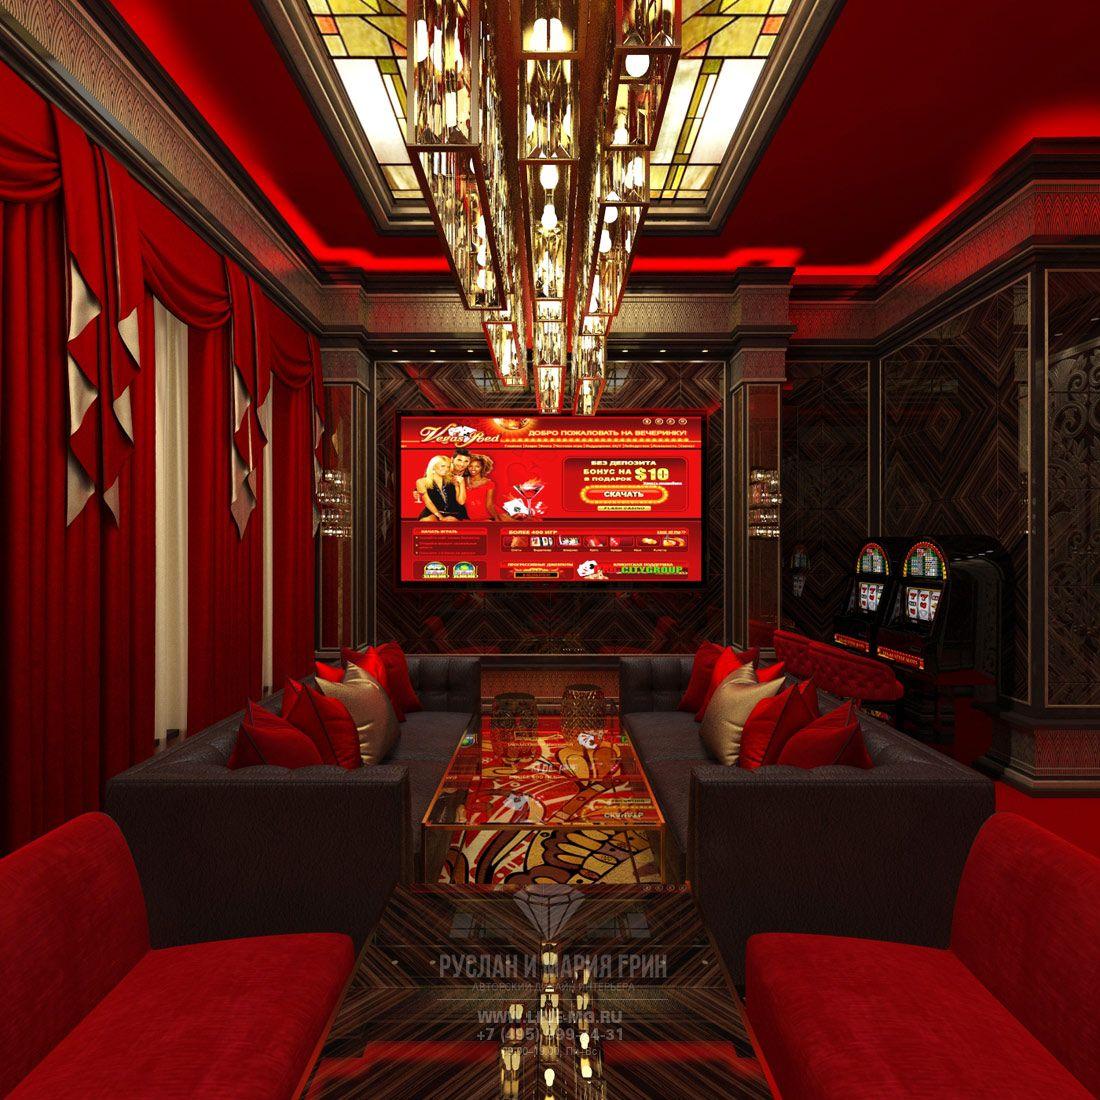 Дизайн и интерьер казино европейские игровые автоматы играть